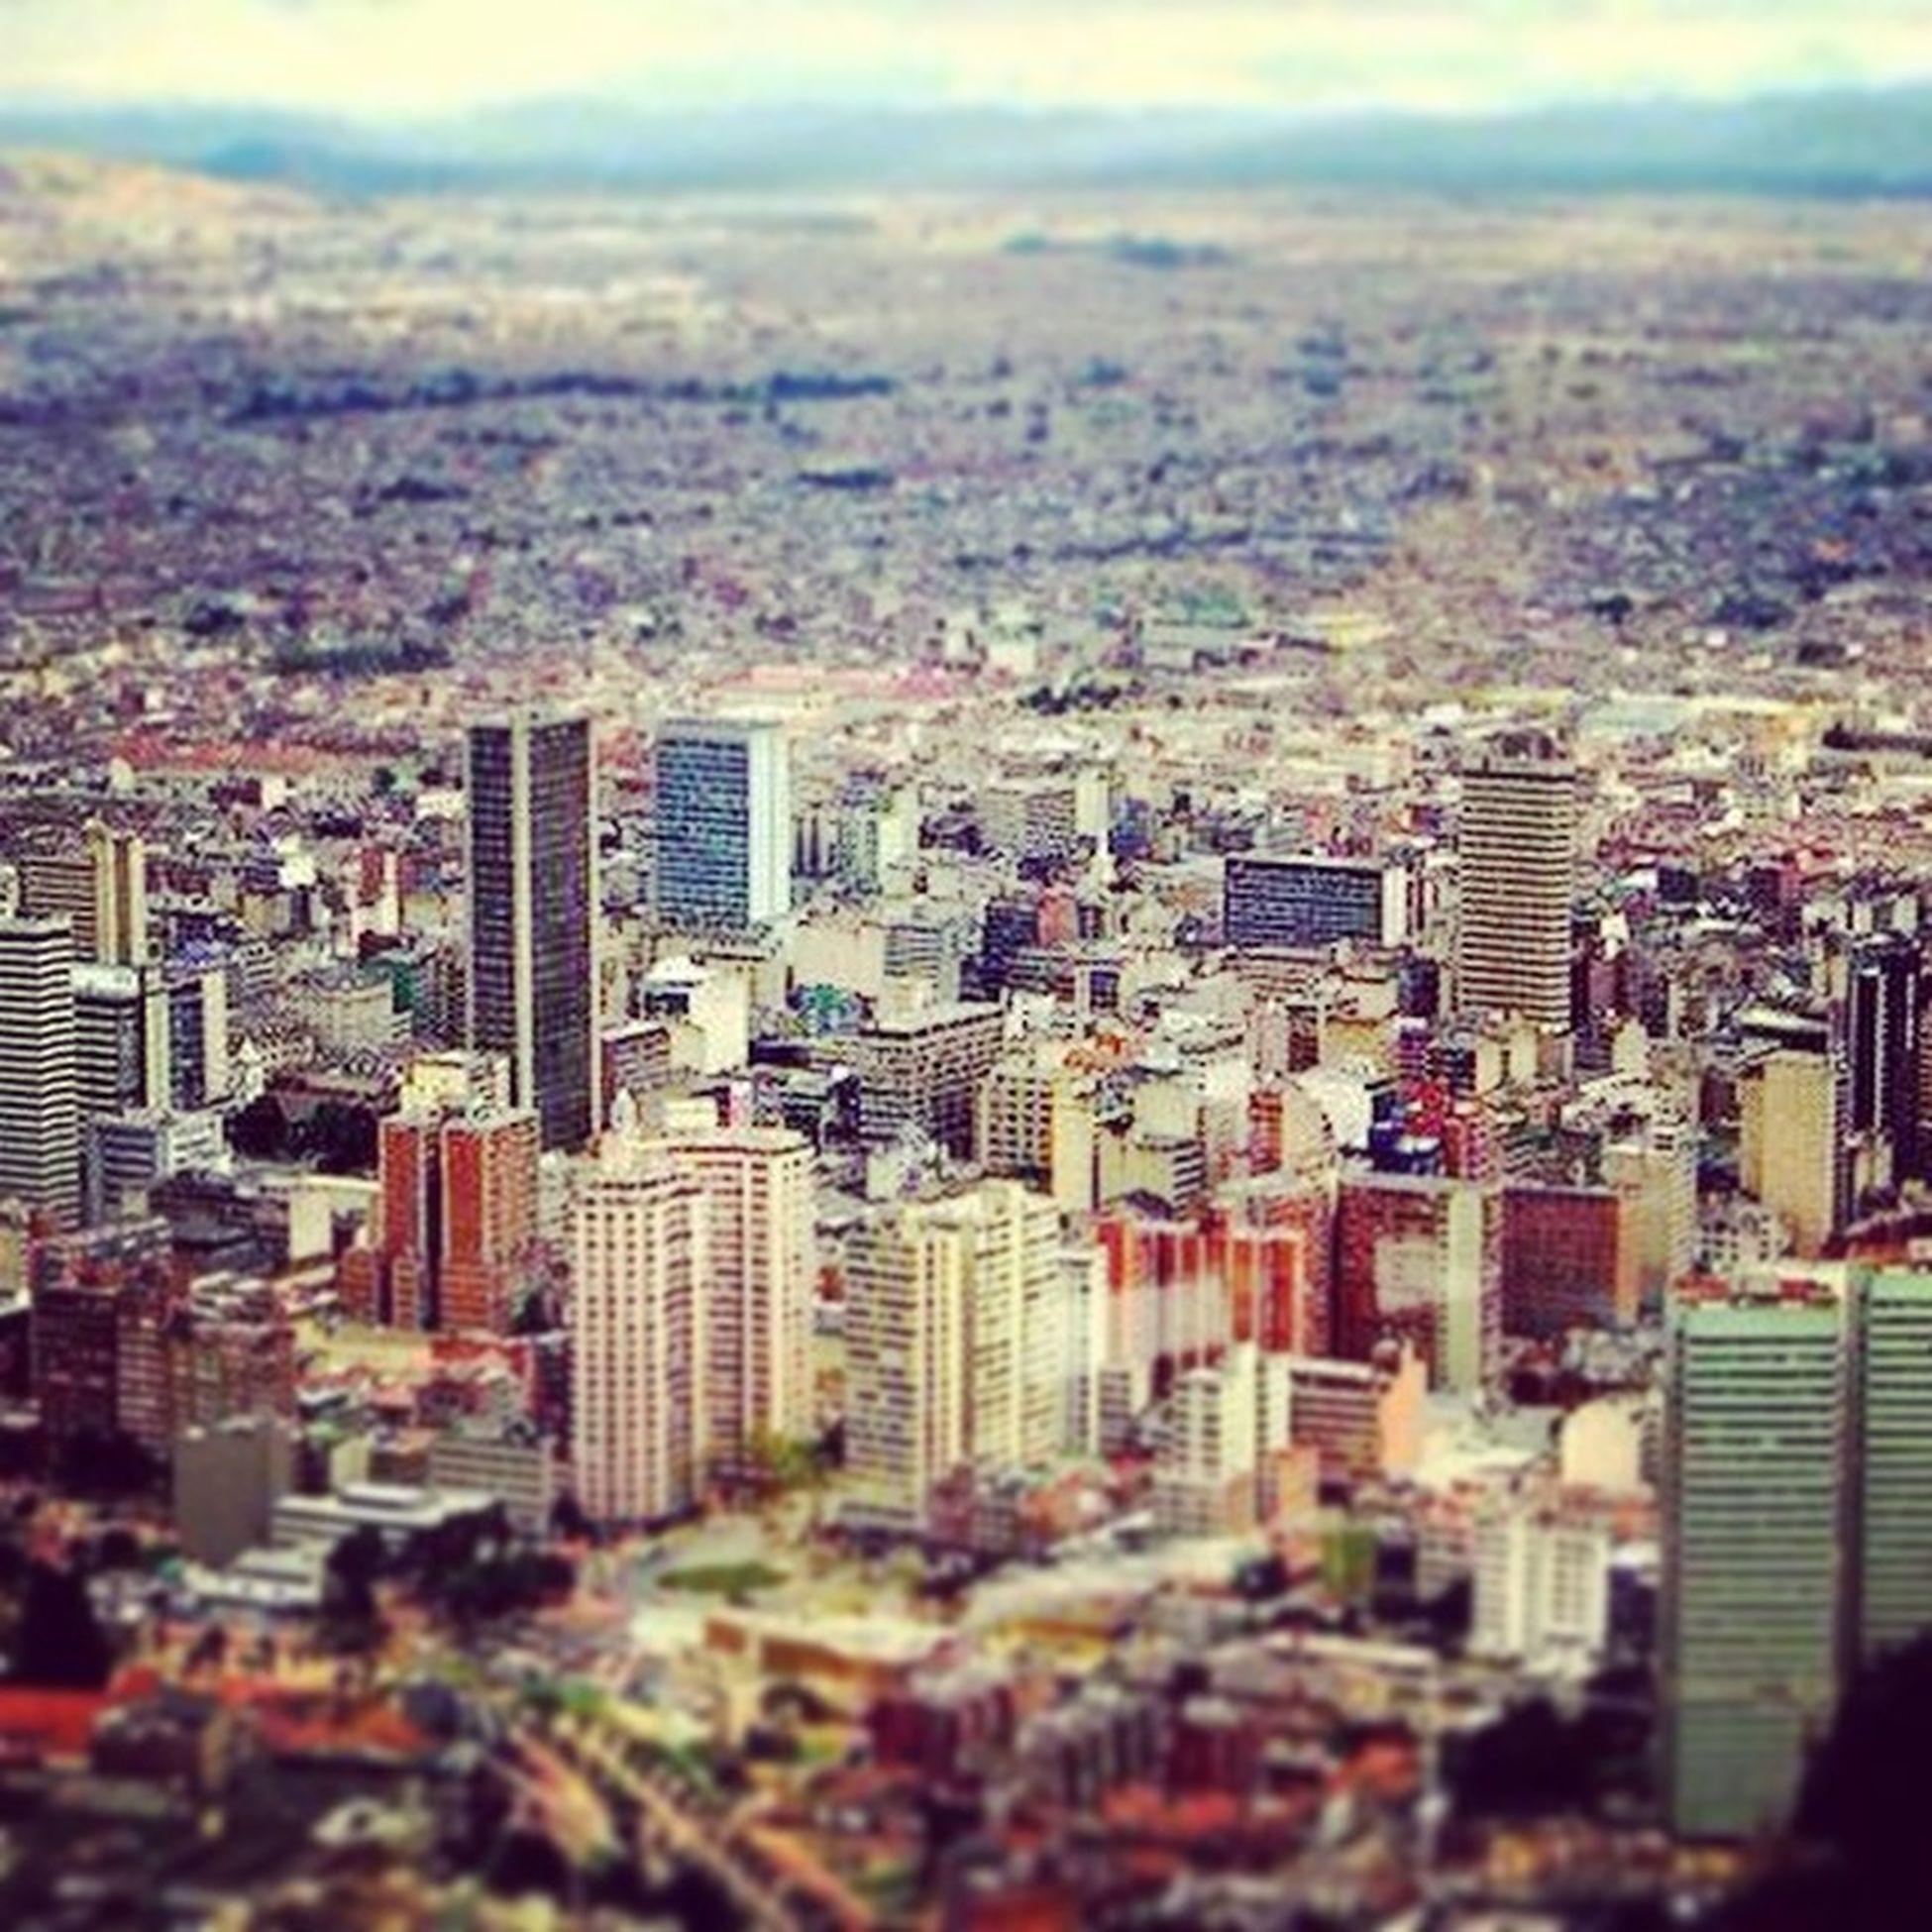 Felizcumpleaños Santafedebogota No importa que me diga Rolo Cachaco Bogotano Me siento orgulloso de ser Capitalino 476años Bogotá City Night Urban Art Photooftheday Photoday Bogotaenlacasa Bogopautasite